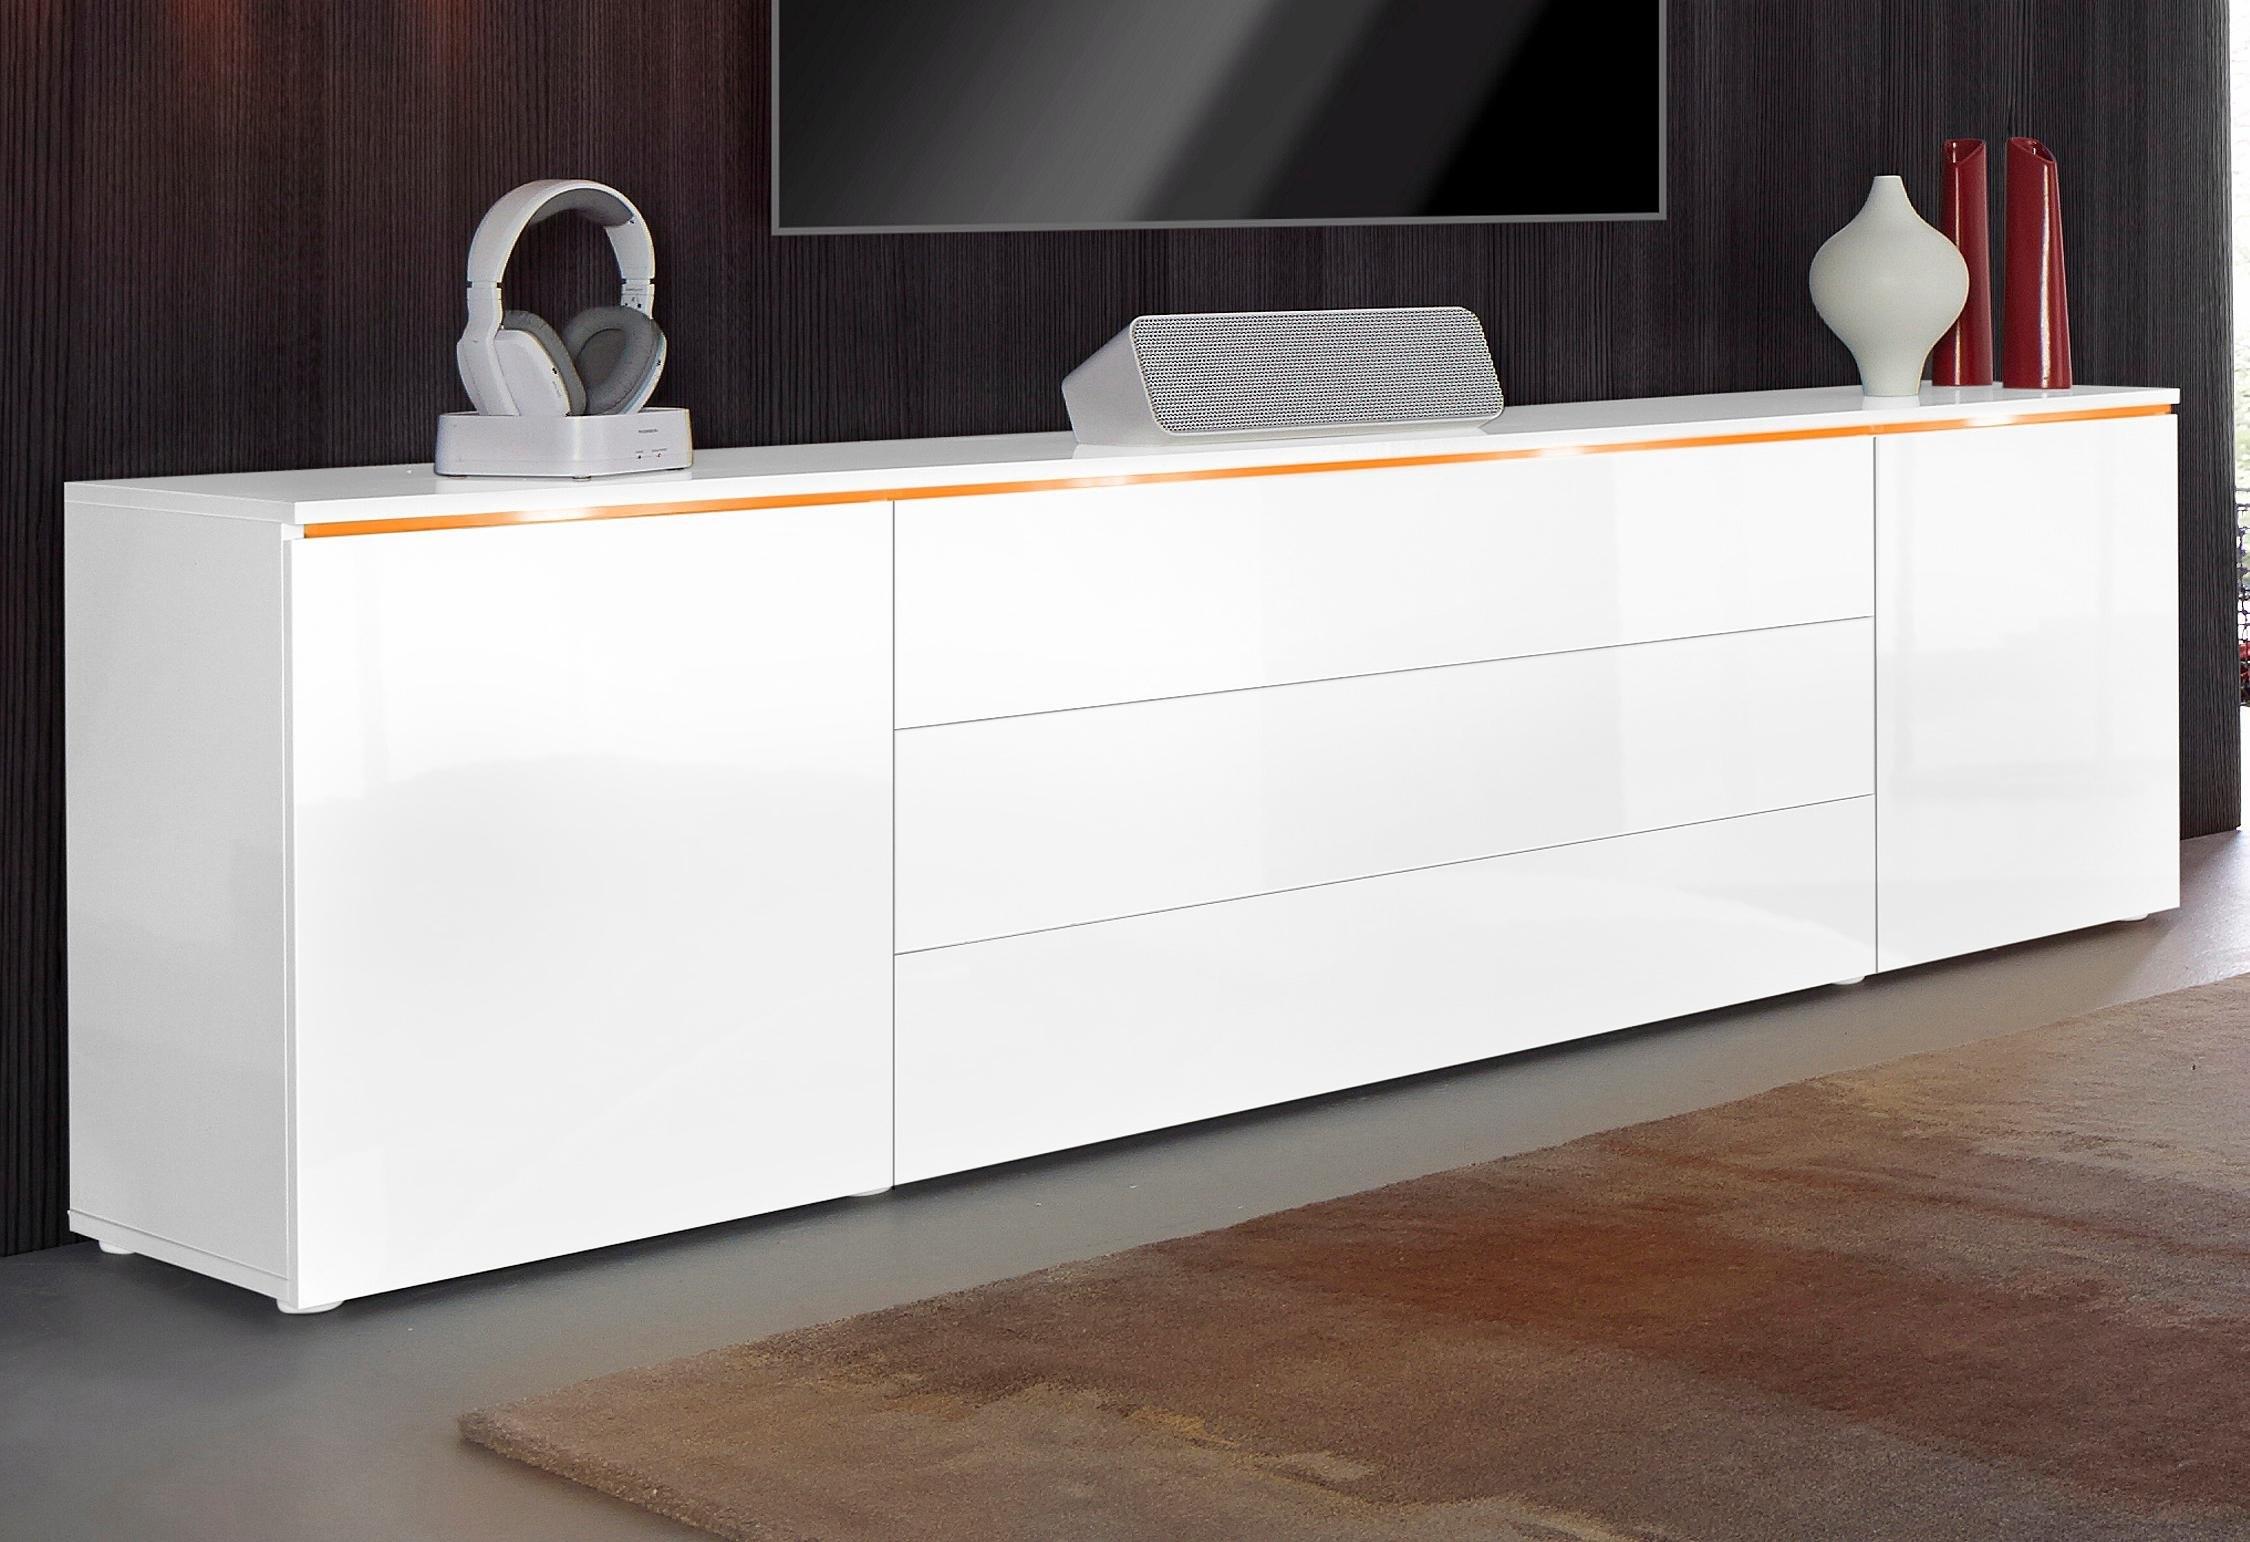 borchardt Möbel tv-meubel veilig op otto.nl kopen